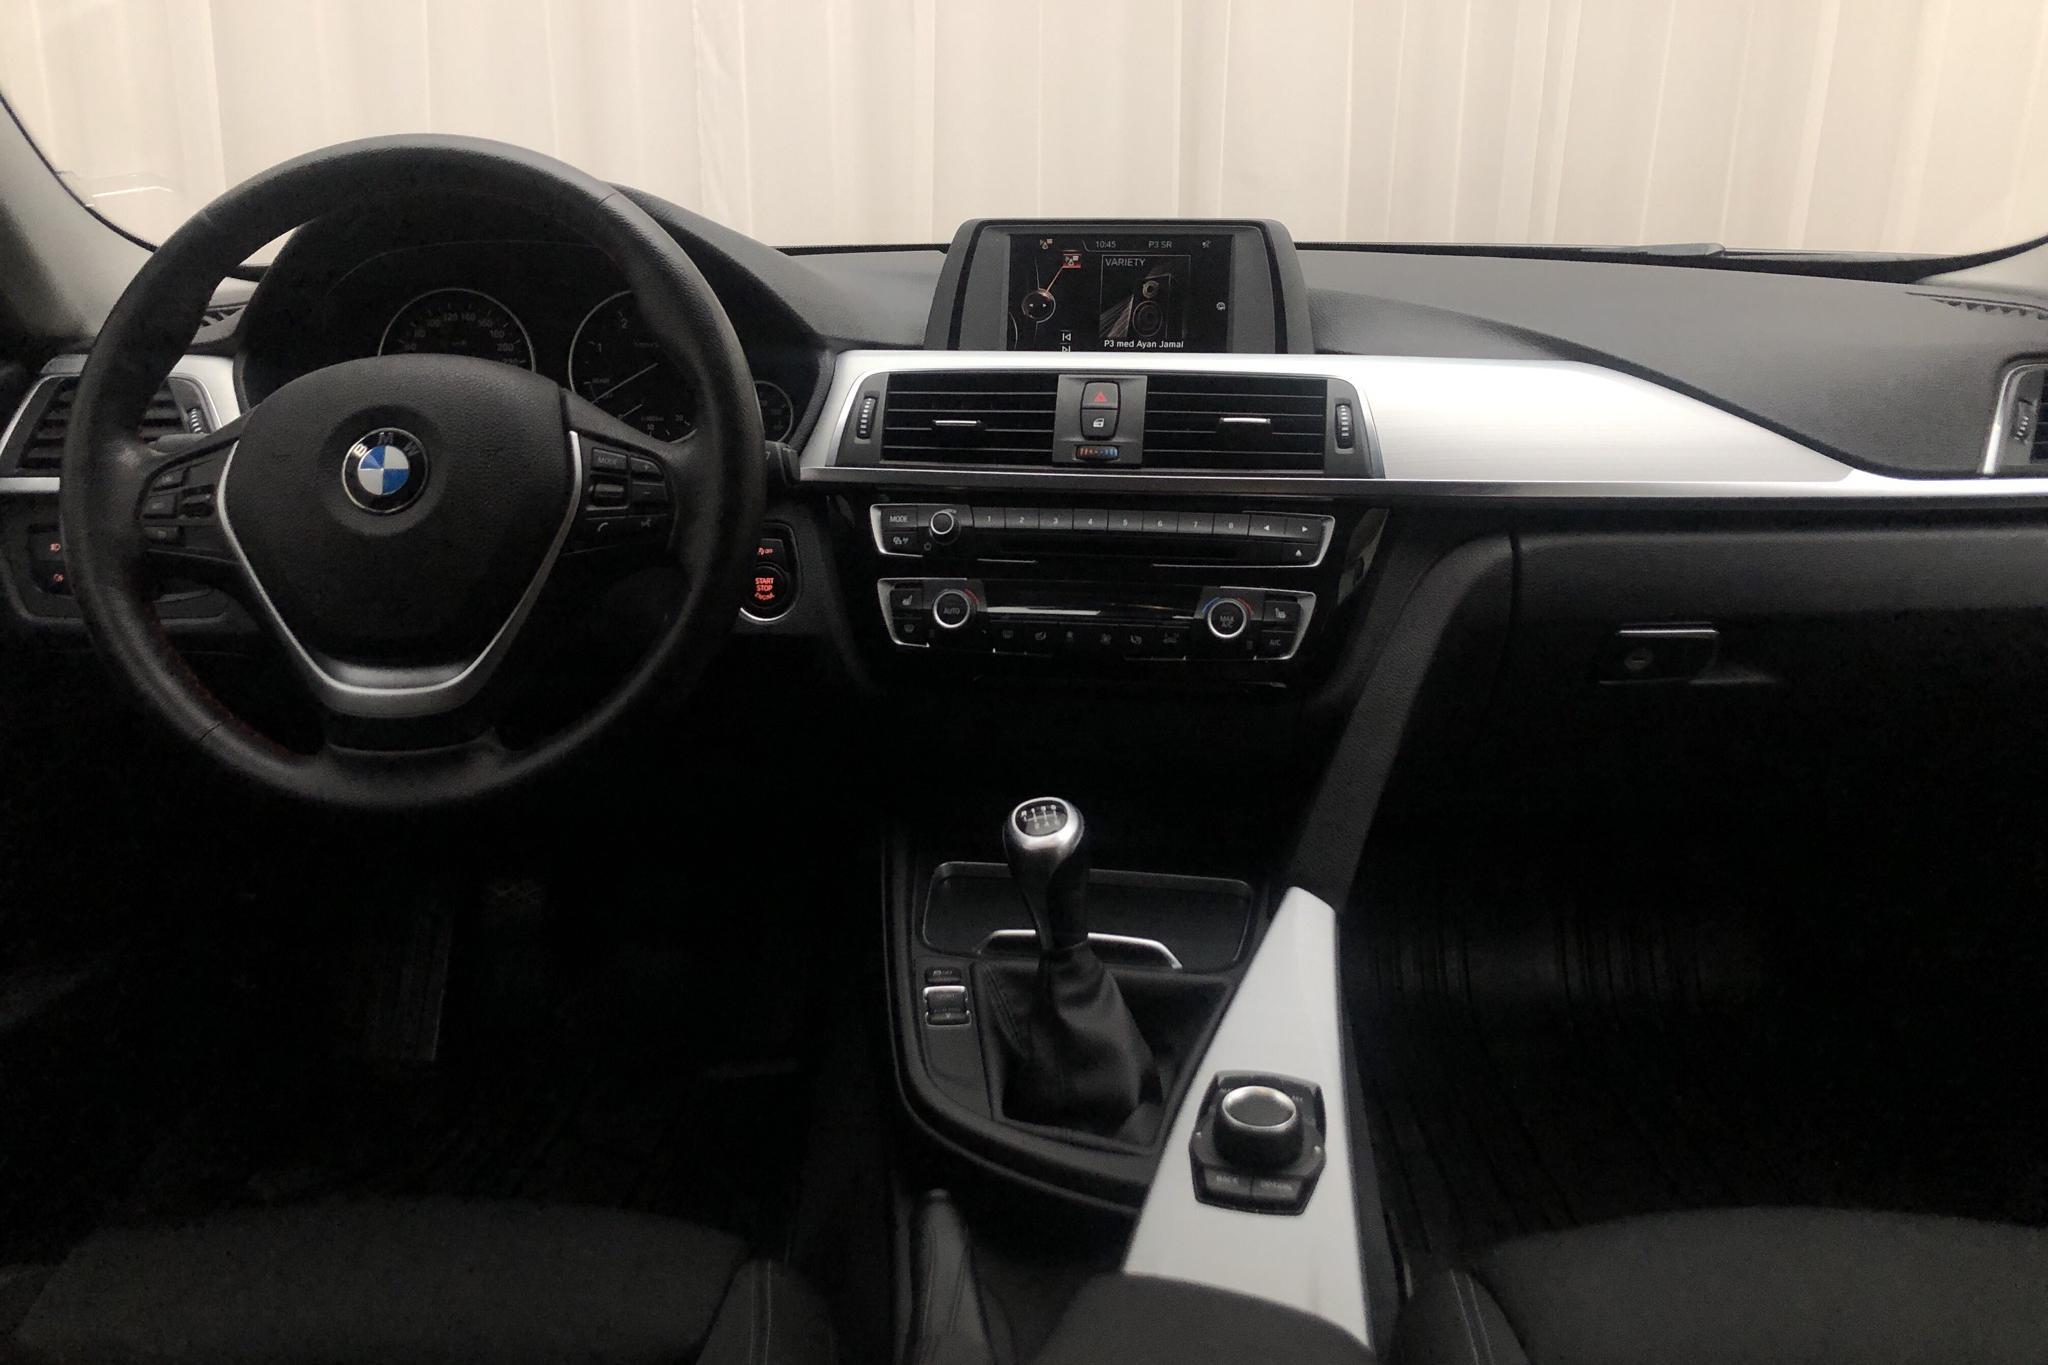 BMW 318d xDrive Touring, F31 (150hk) - 83 420 km - Manual - black - 2016